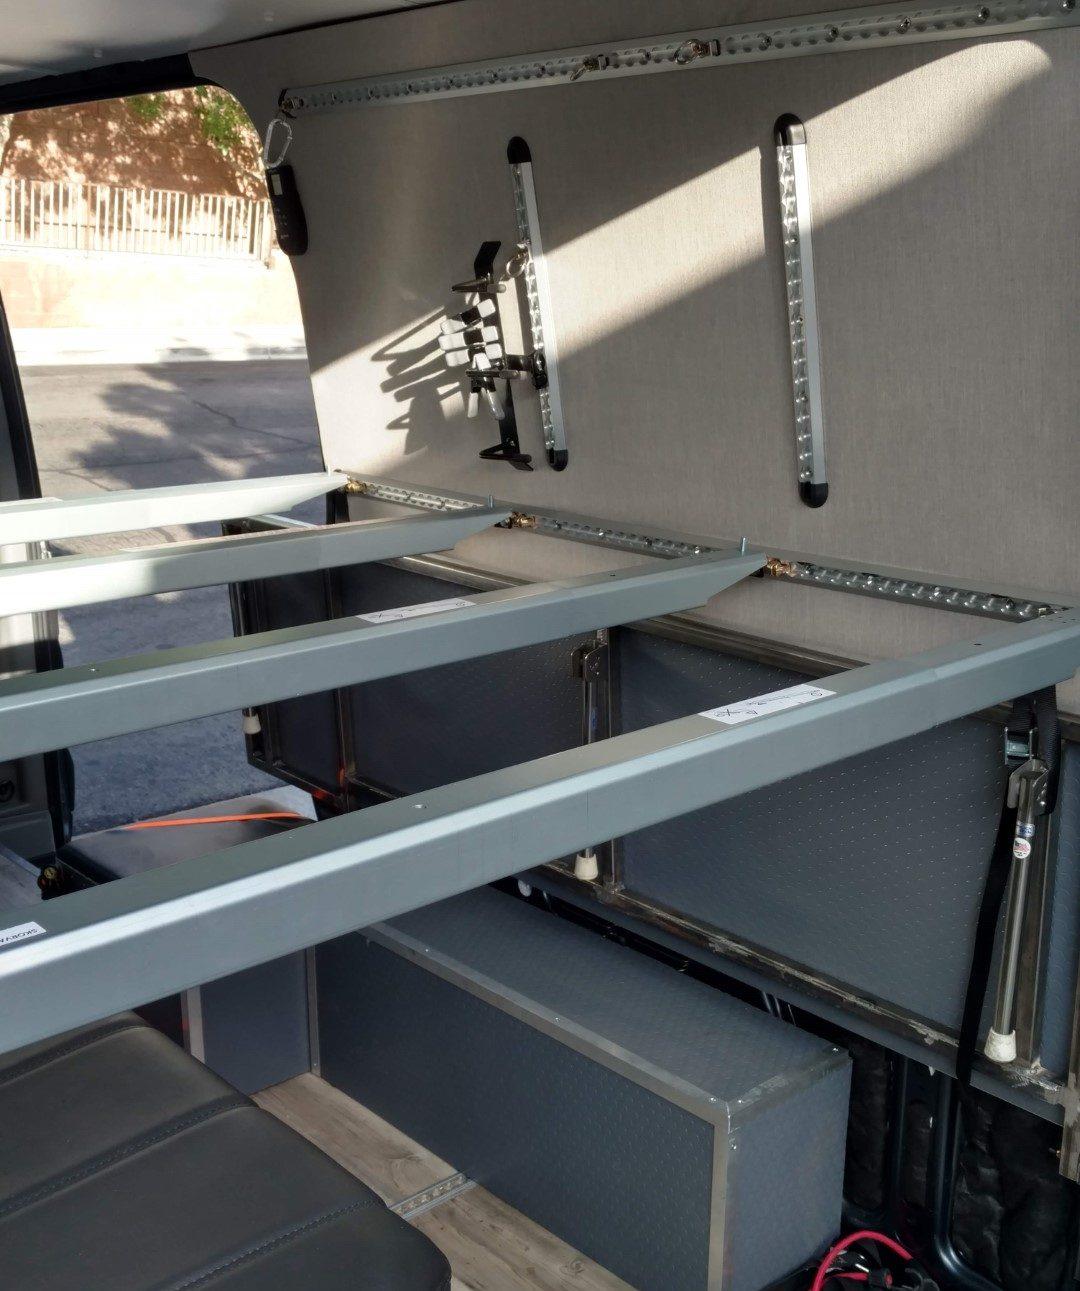 Sprinter Van Diy 3 Panel Platform Bed On L Track